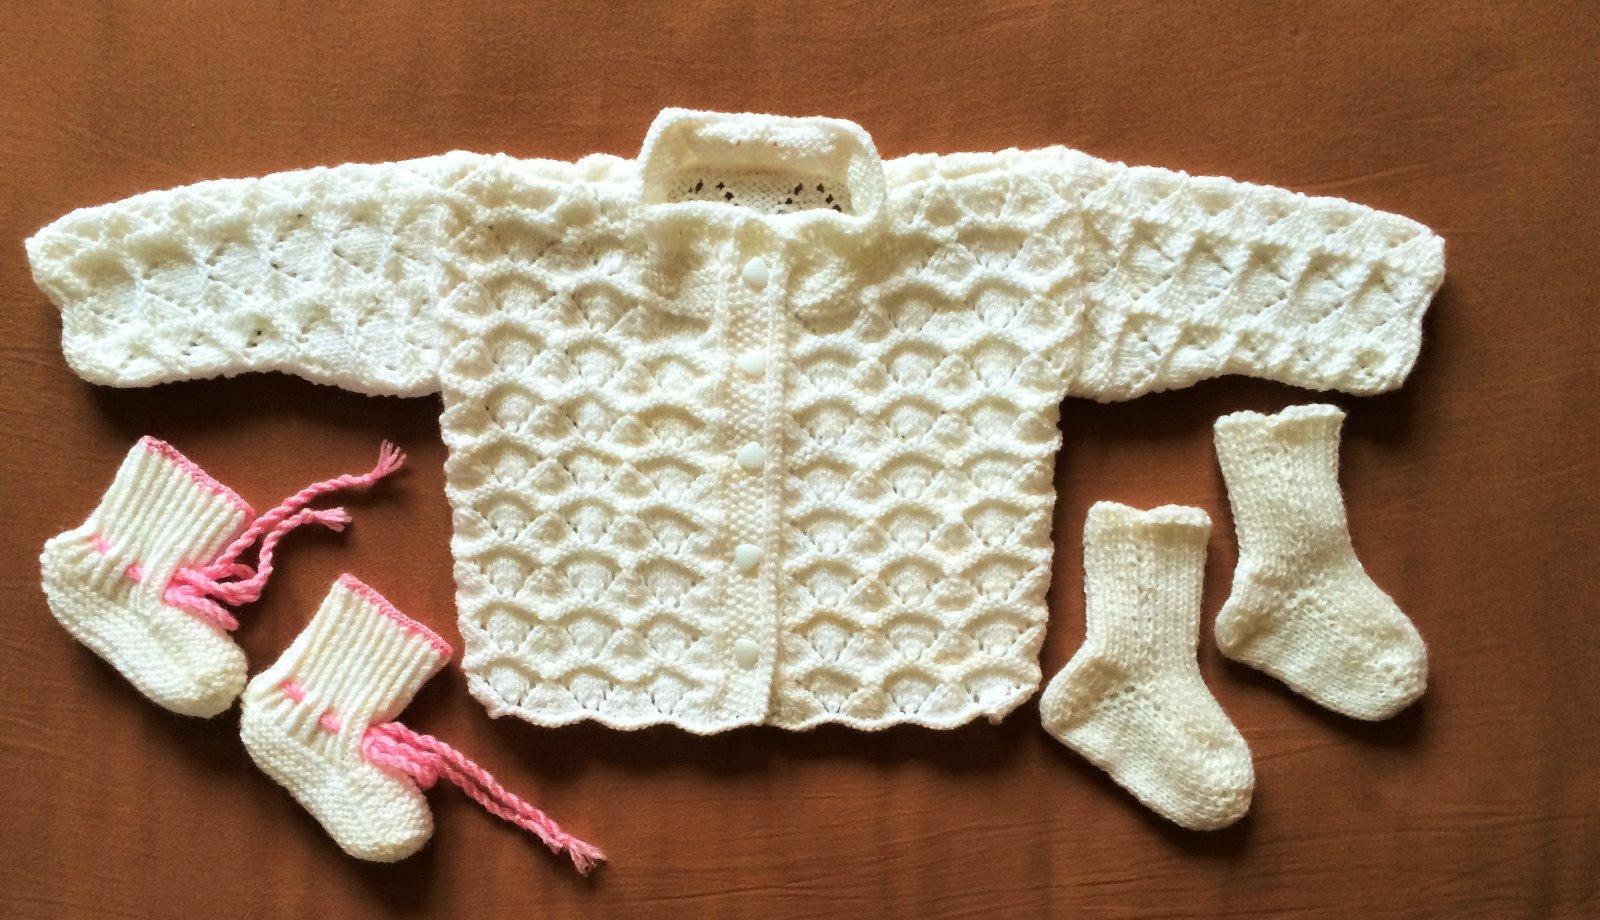 651f5c882 Pletený svetrík pre novorodenca - nenosený, 62 - 3,50 € od predávajúcej  lentilka77 | Detský bazár | ModryKonik.sk